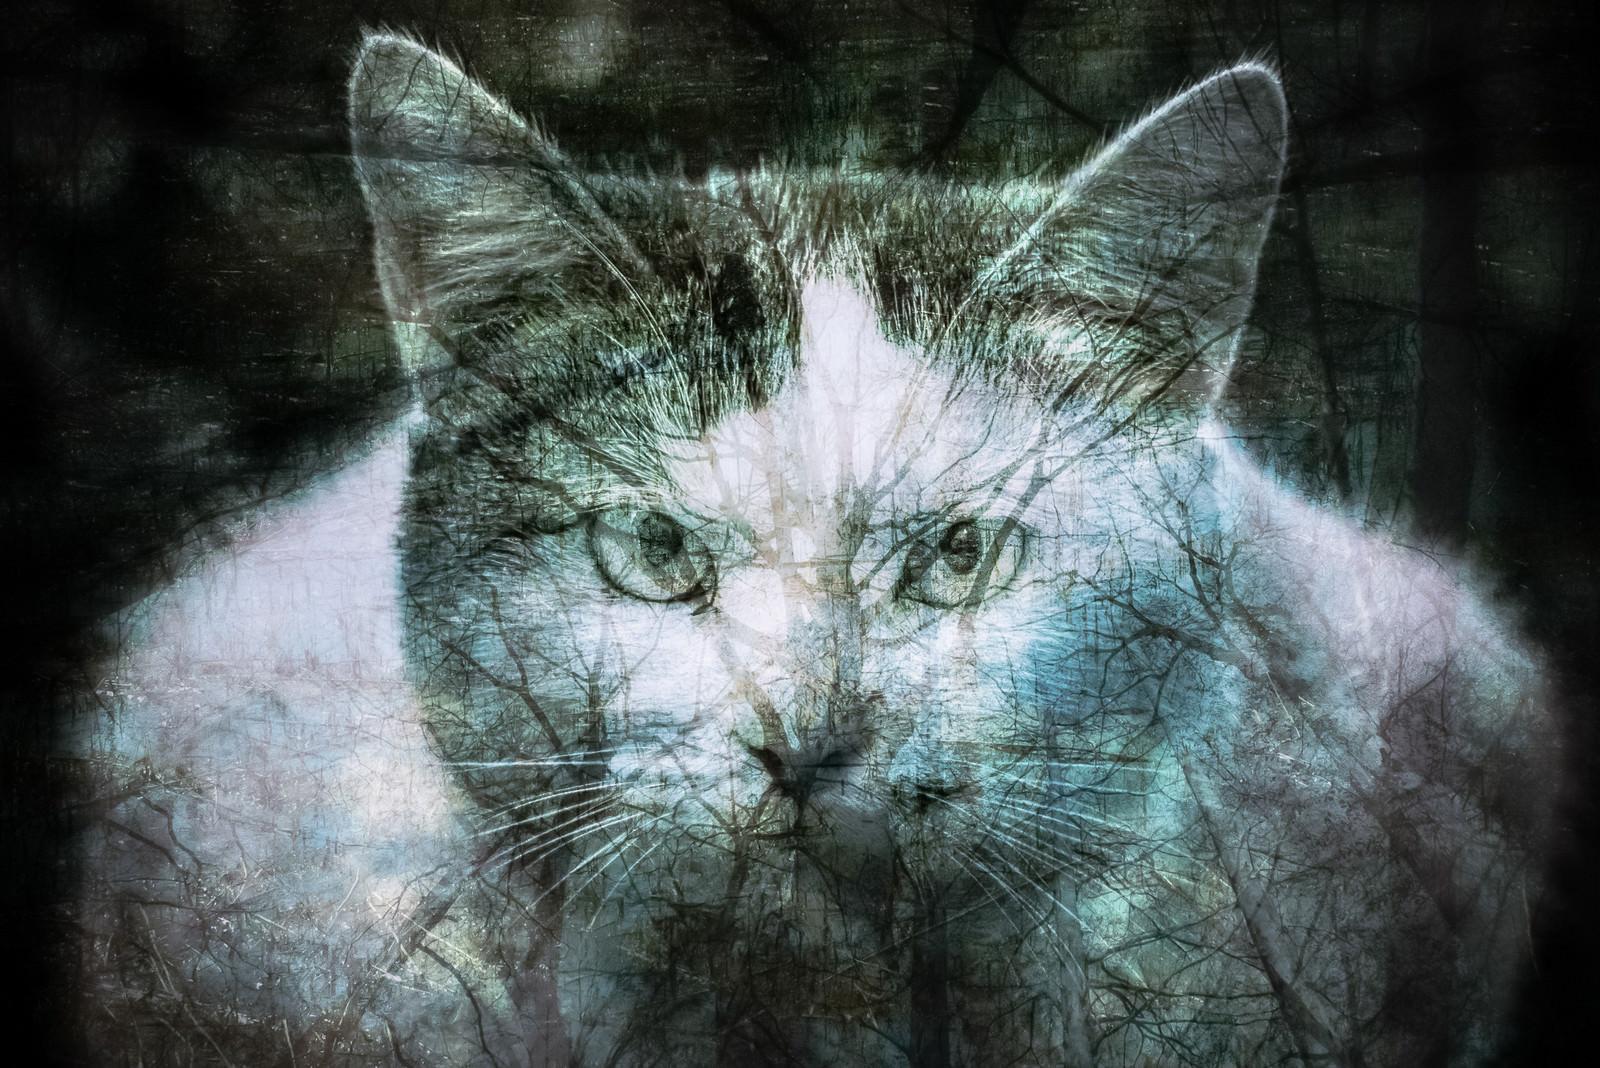 「森の木々と猫(フォトモンタージュ)」の写真